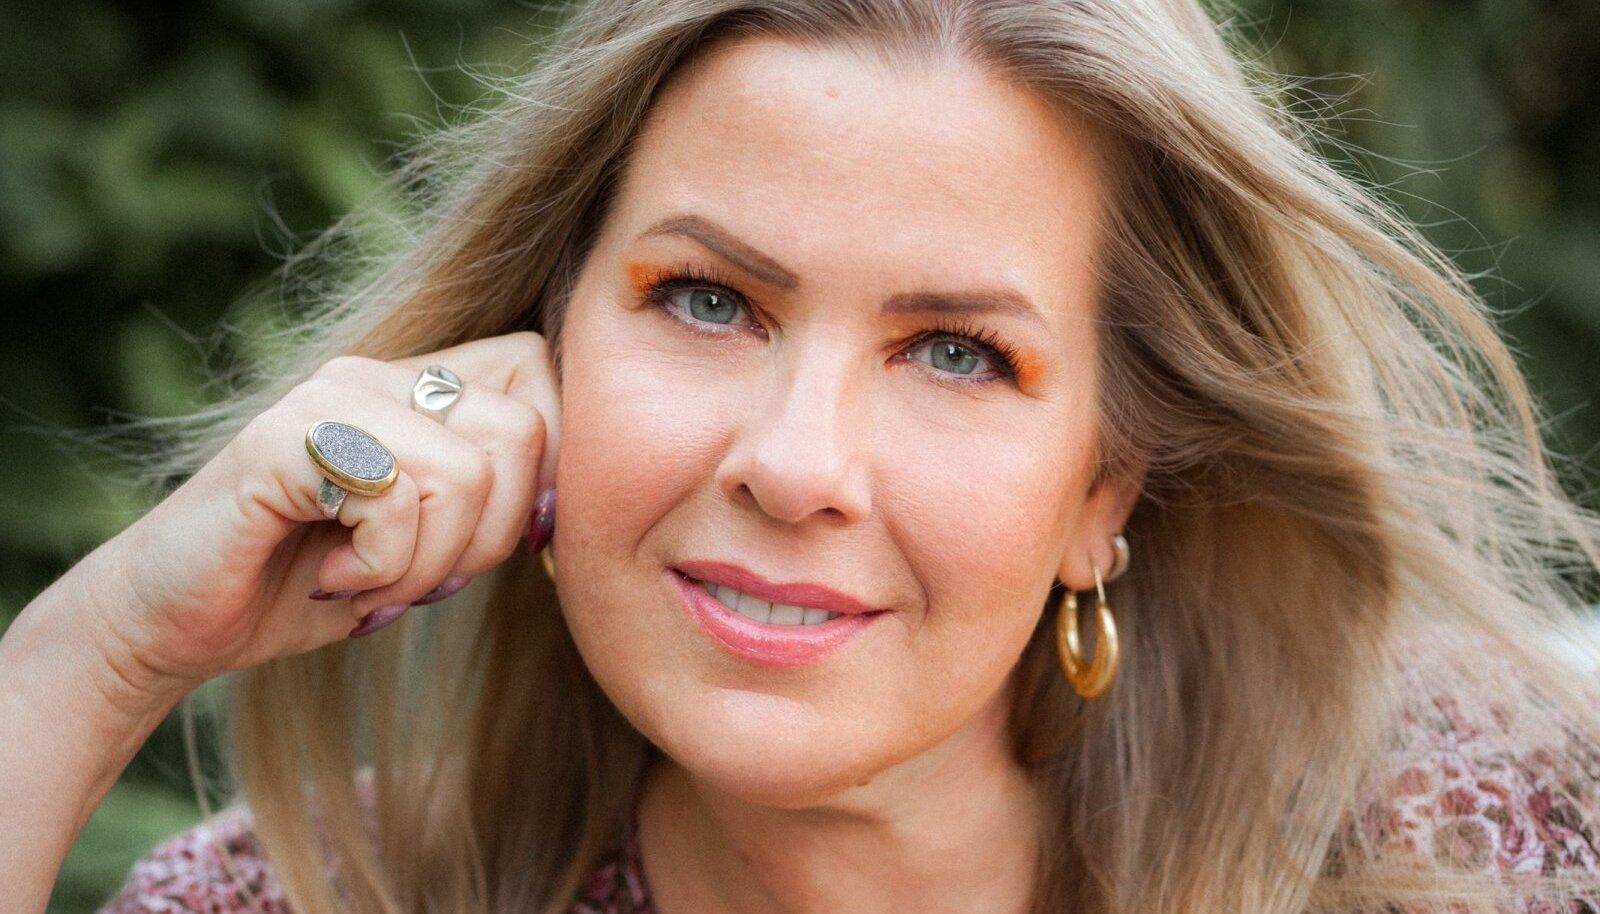 """Kristi Luik on USAs elav kolumnist, kelle sulest on Eestis ilmunud raamat """"Veidrike printsess"""". Tema lapsed on kooliealiseks sirgunud ja Kristi mõtteis mõlgub plaan koos perega vähemalt aastaks Eestisse kolida – tema süda on just siin."""